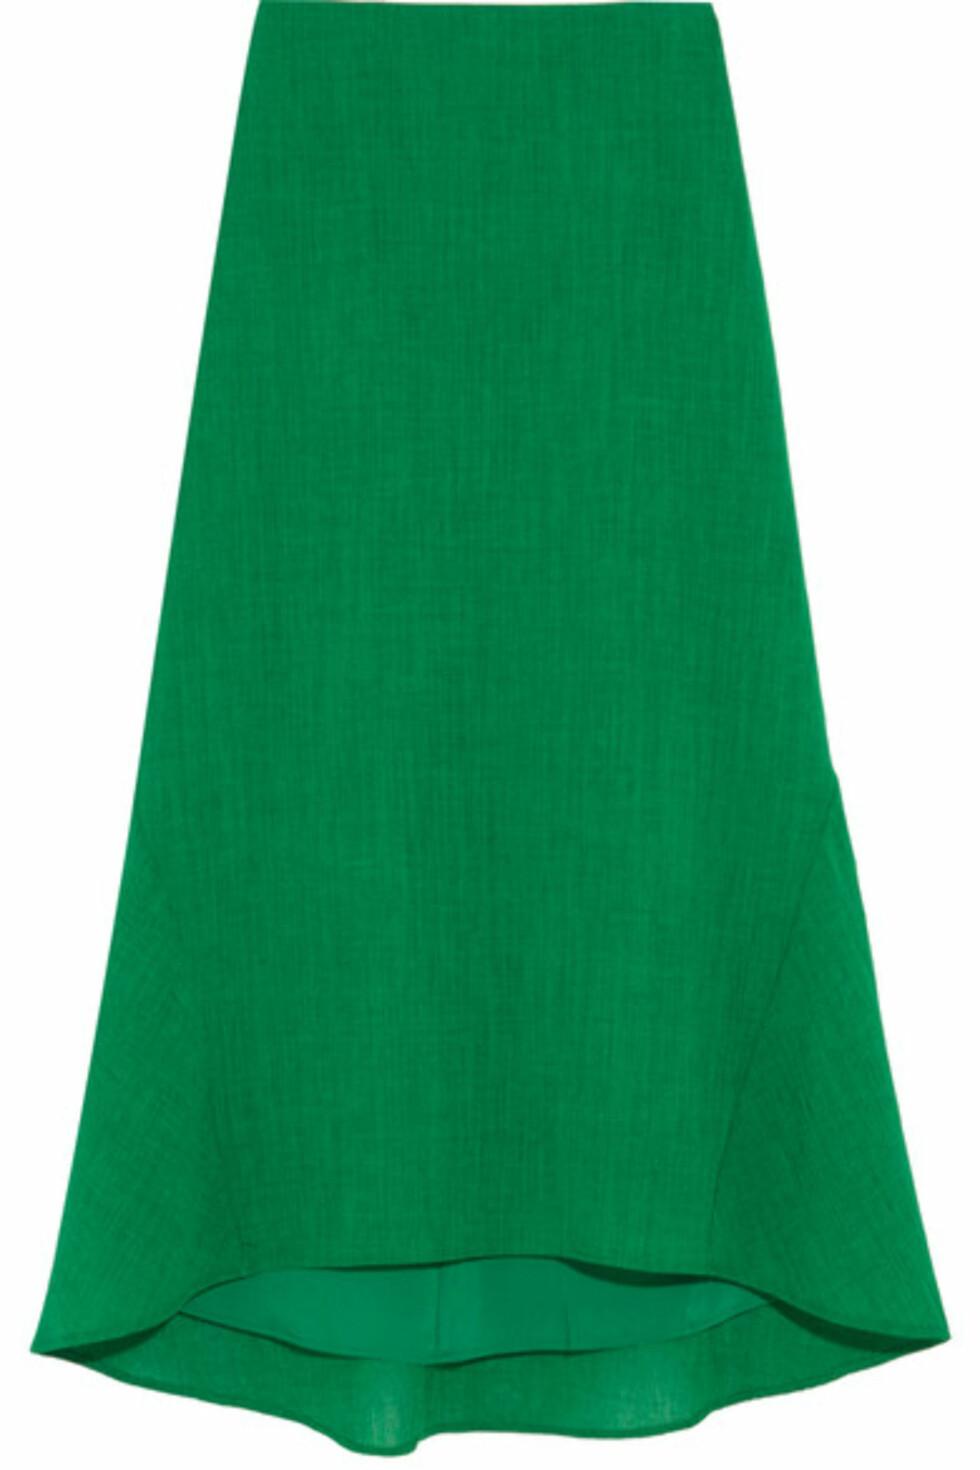 Skjørt fra Cefinn via Net-a-porter.com |2160,-|https://www.net-a-porter.com/no/en/product/922351/cefinn/asymmetric-crepe-midi-skirt